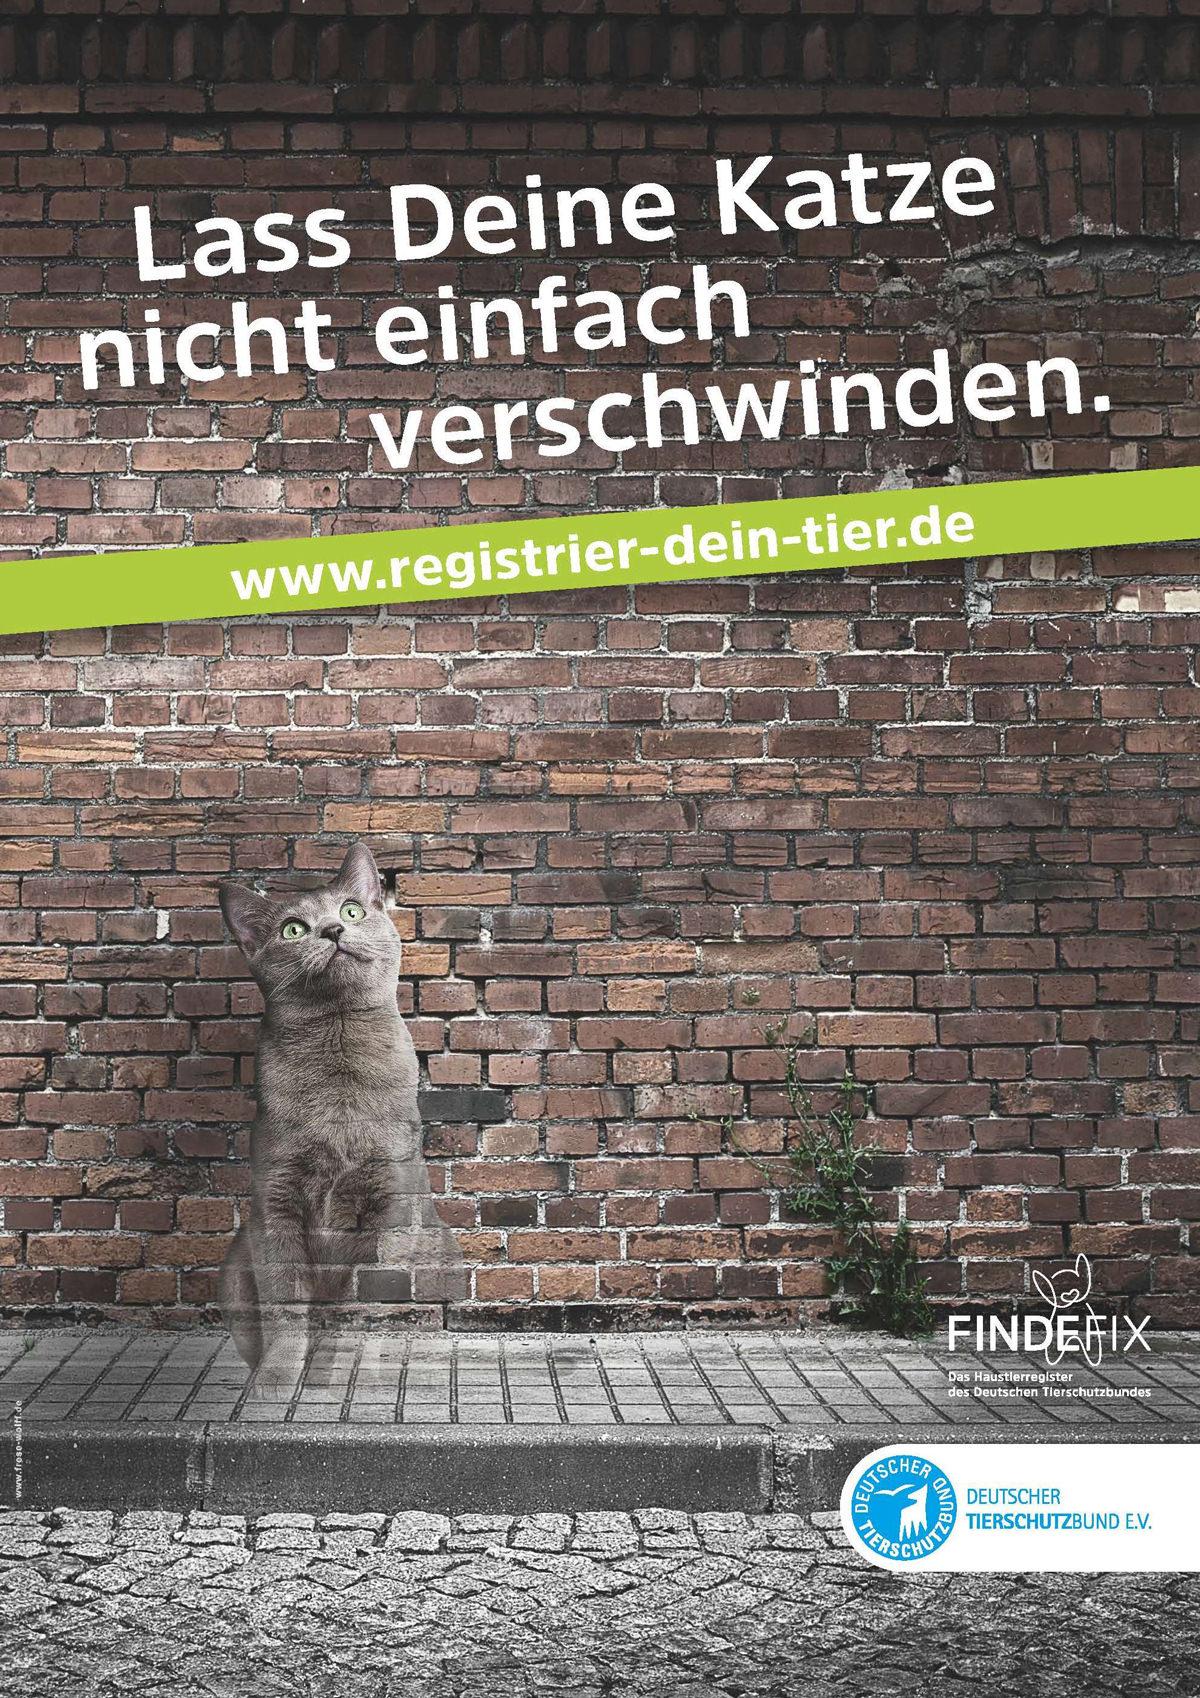 Kampagne Registrier Dein Tier